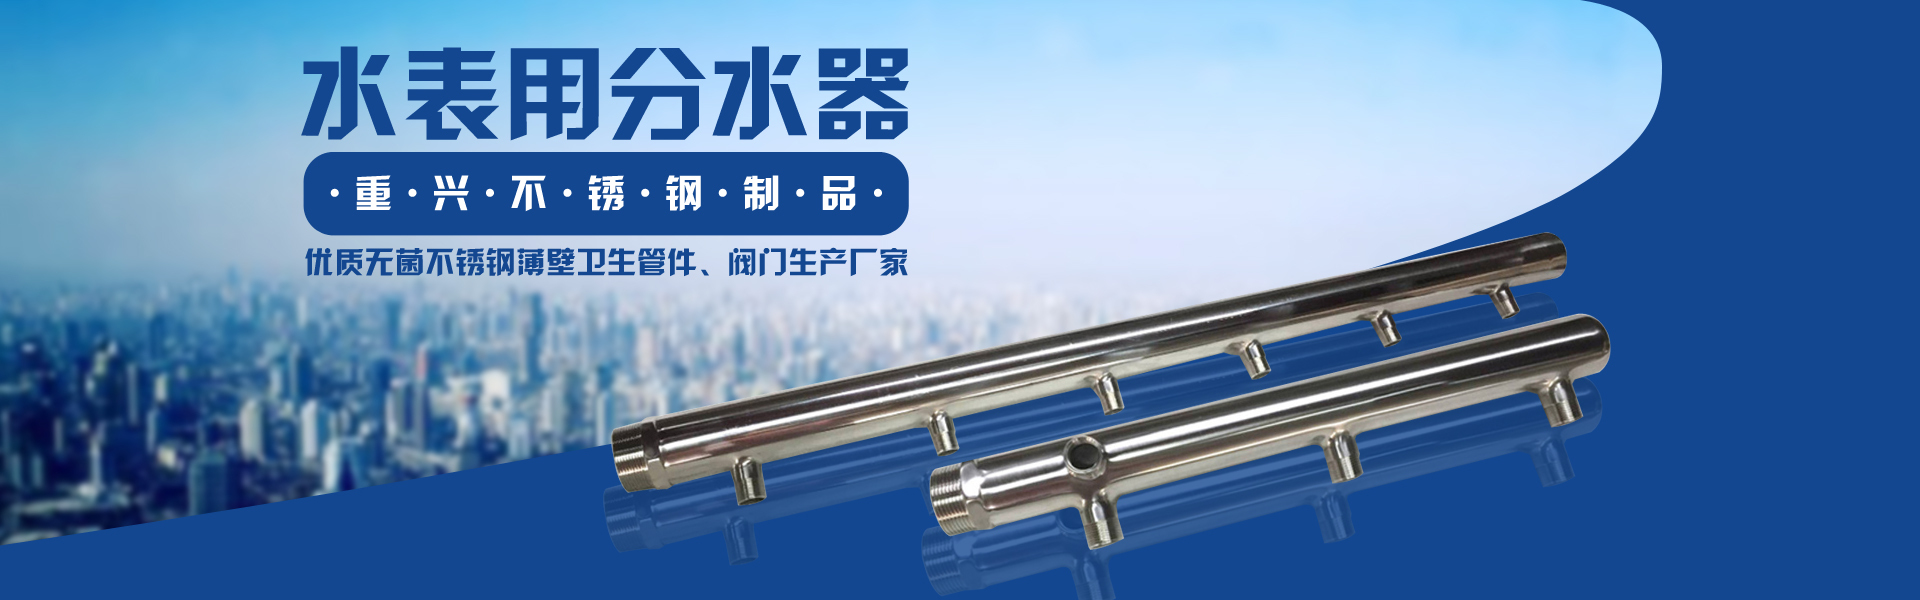 重兴不锈钢制品有限公司专业生产不锈钢分水器,是一家无菌不锈钢薄壁卫生管件、阀门生产厂家。